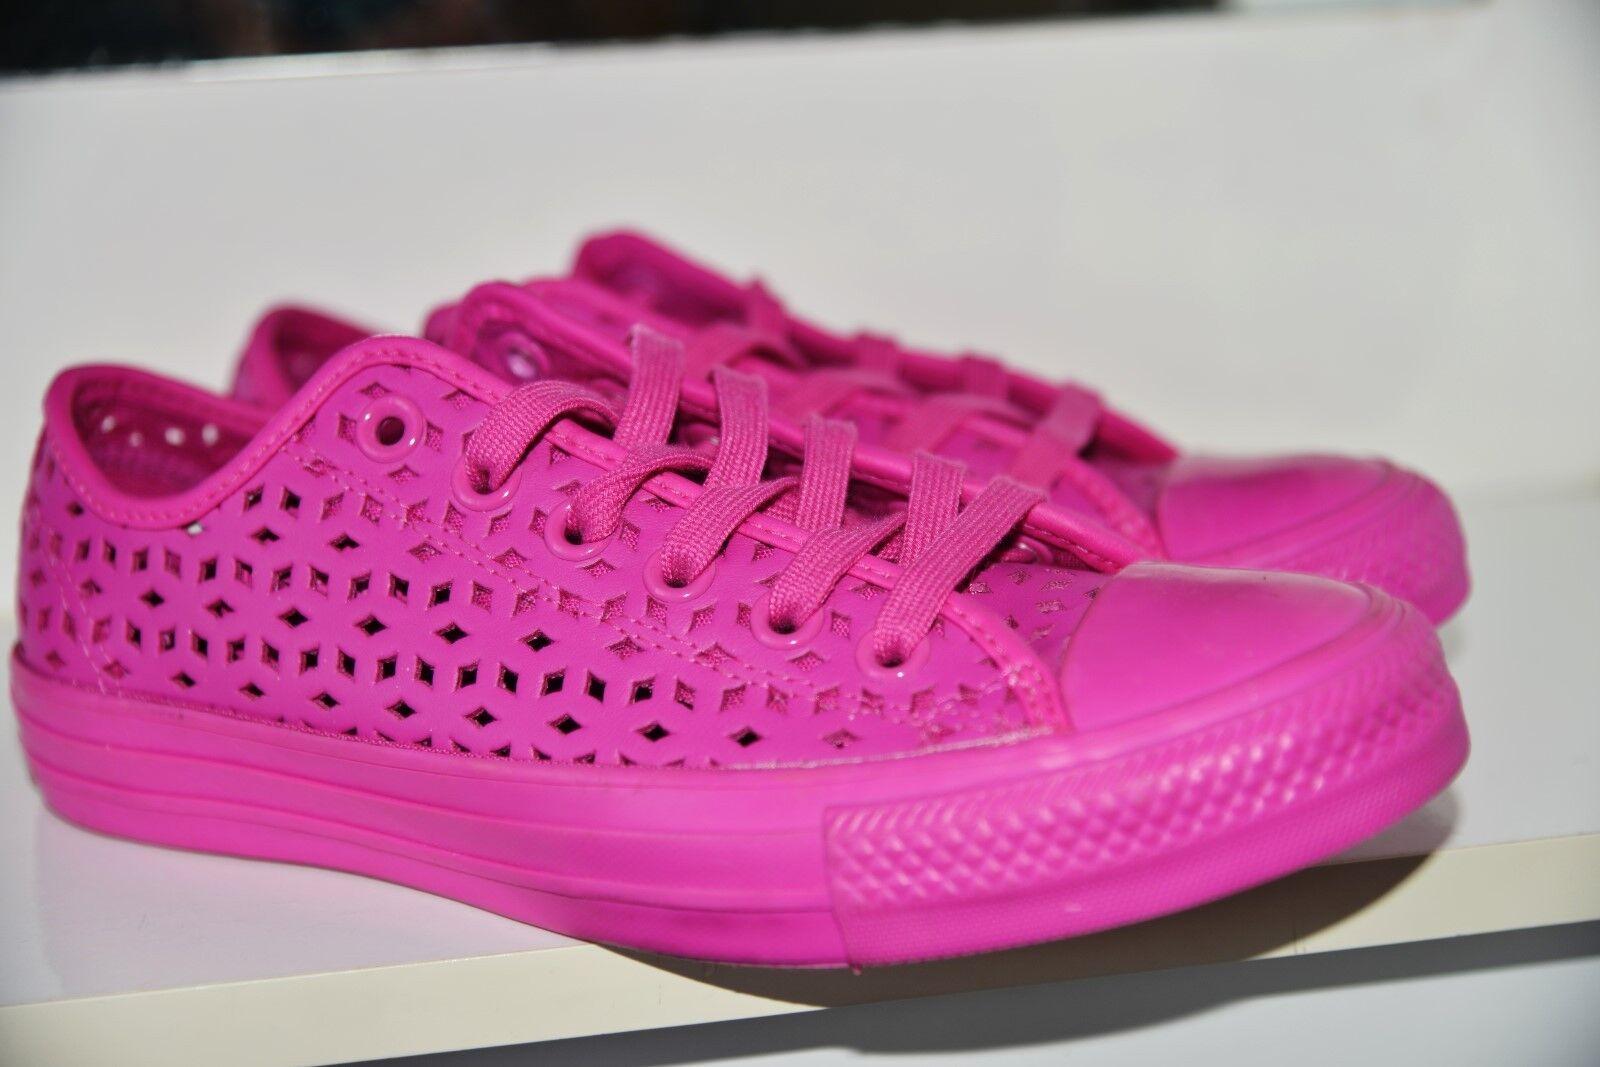 Nuevo Converse Mujer Cuero Superior Perforada Rosa Zapatos de mujer 554490 C Reino Unido 4